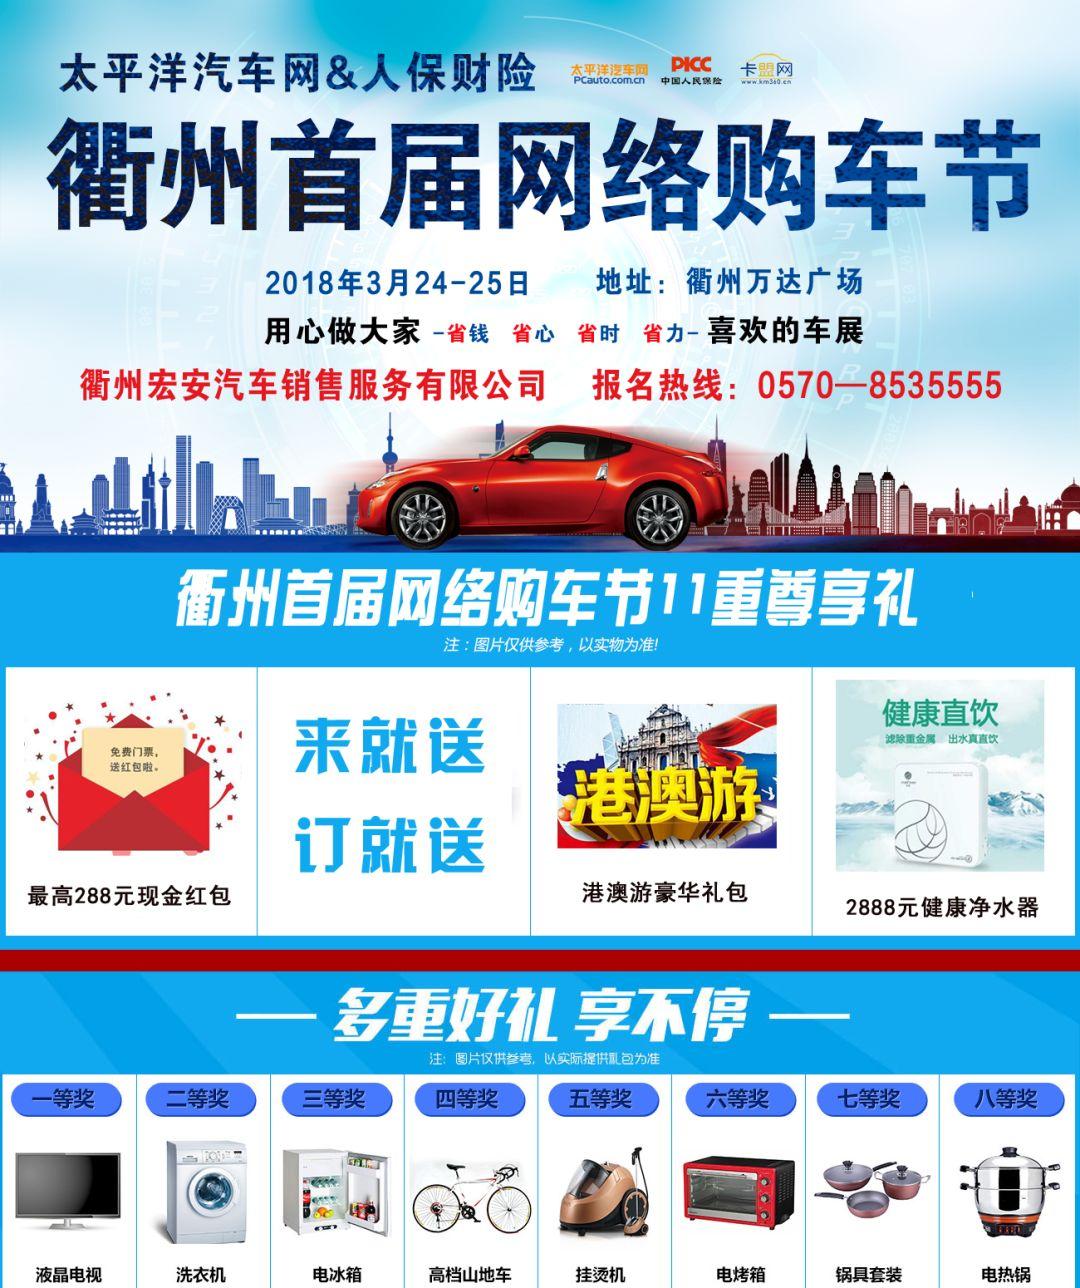 2018衢州首届网络大型车展